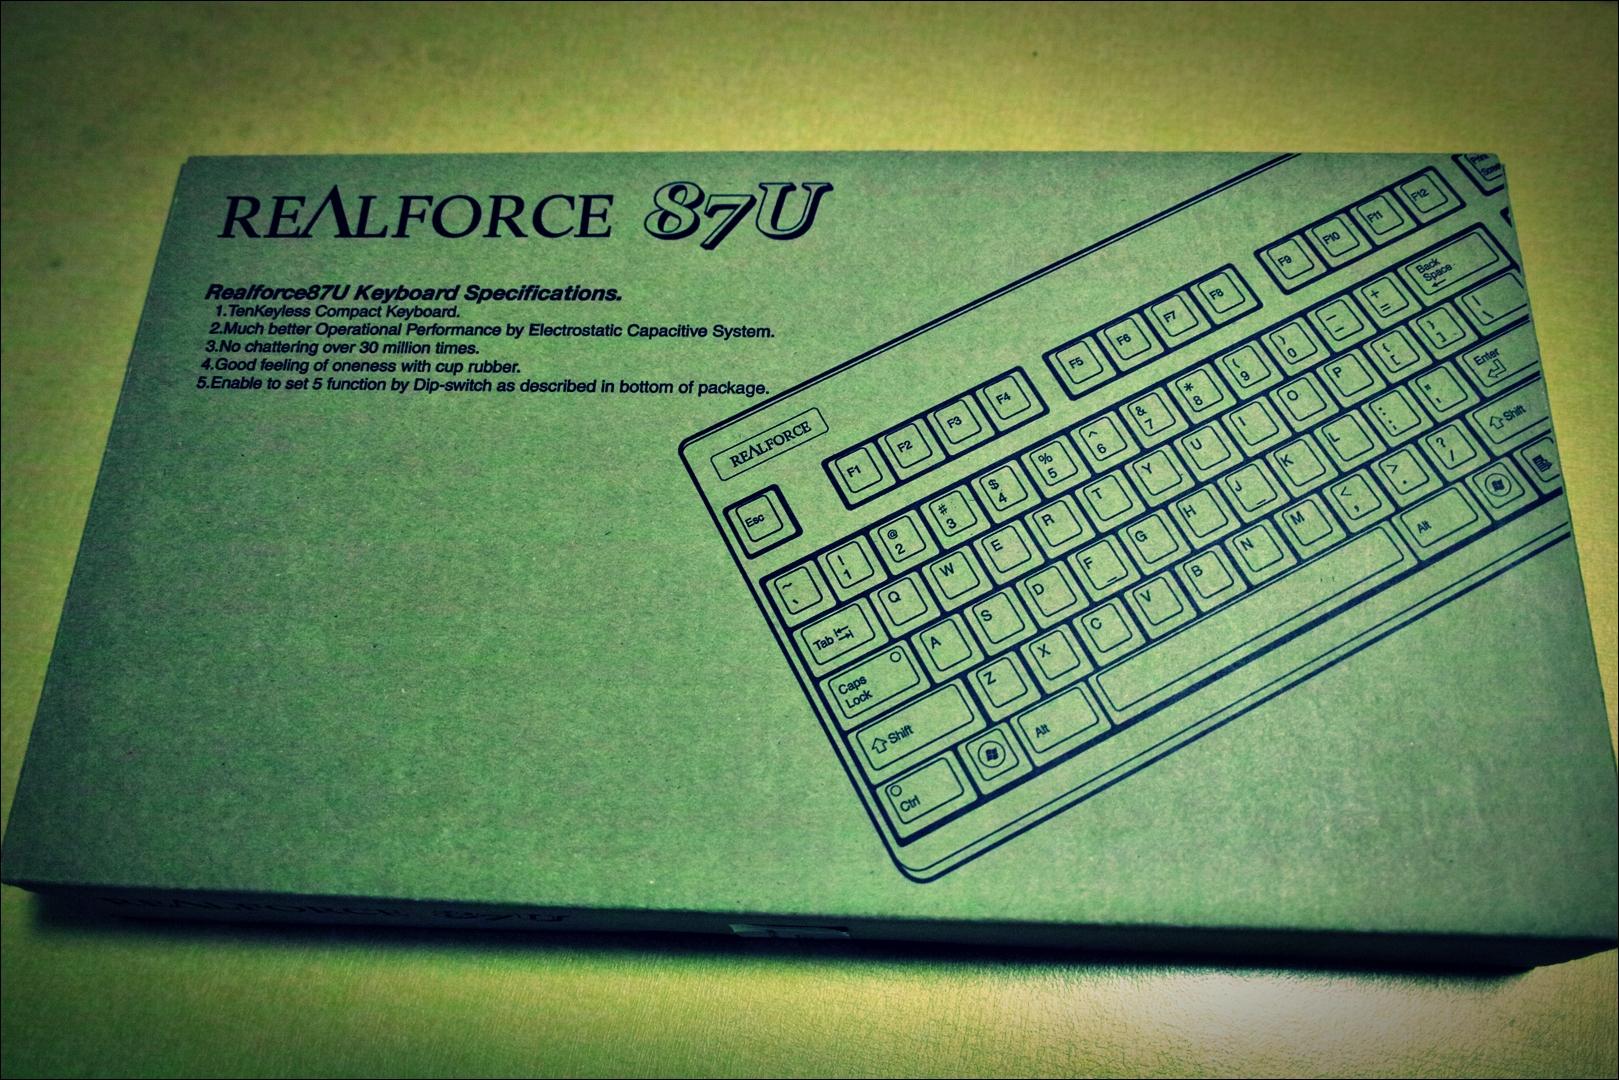 리얼포스 키보드 상자-'Realforce 87u YF110S'